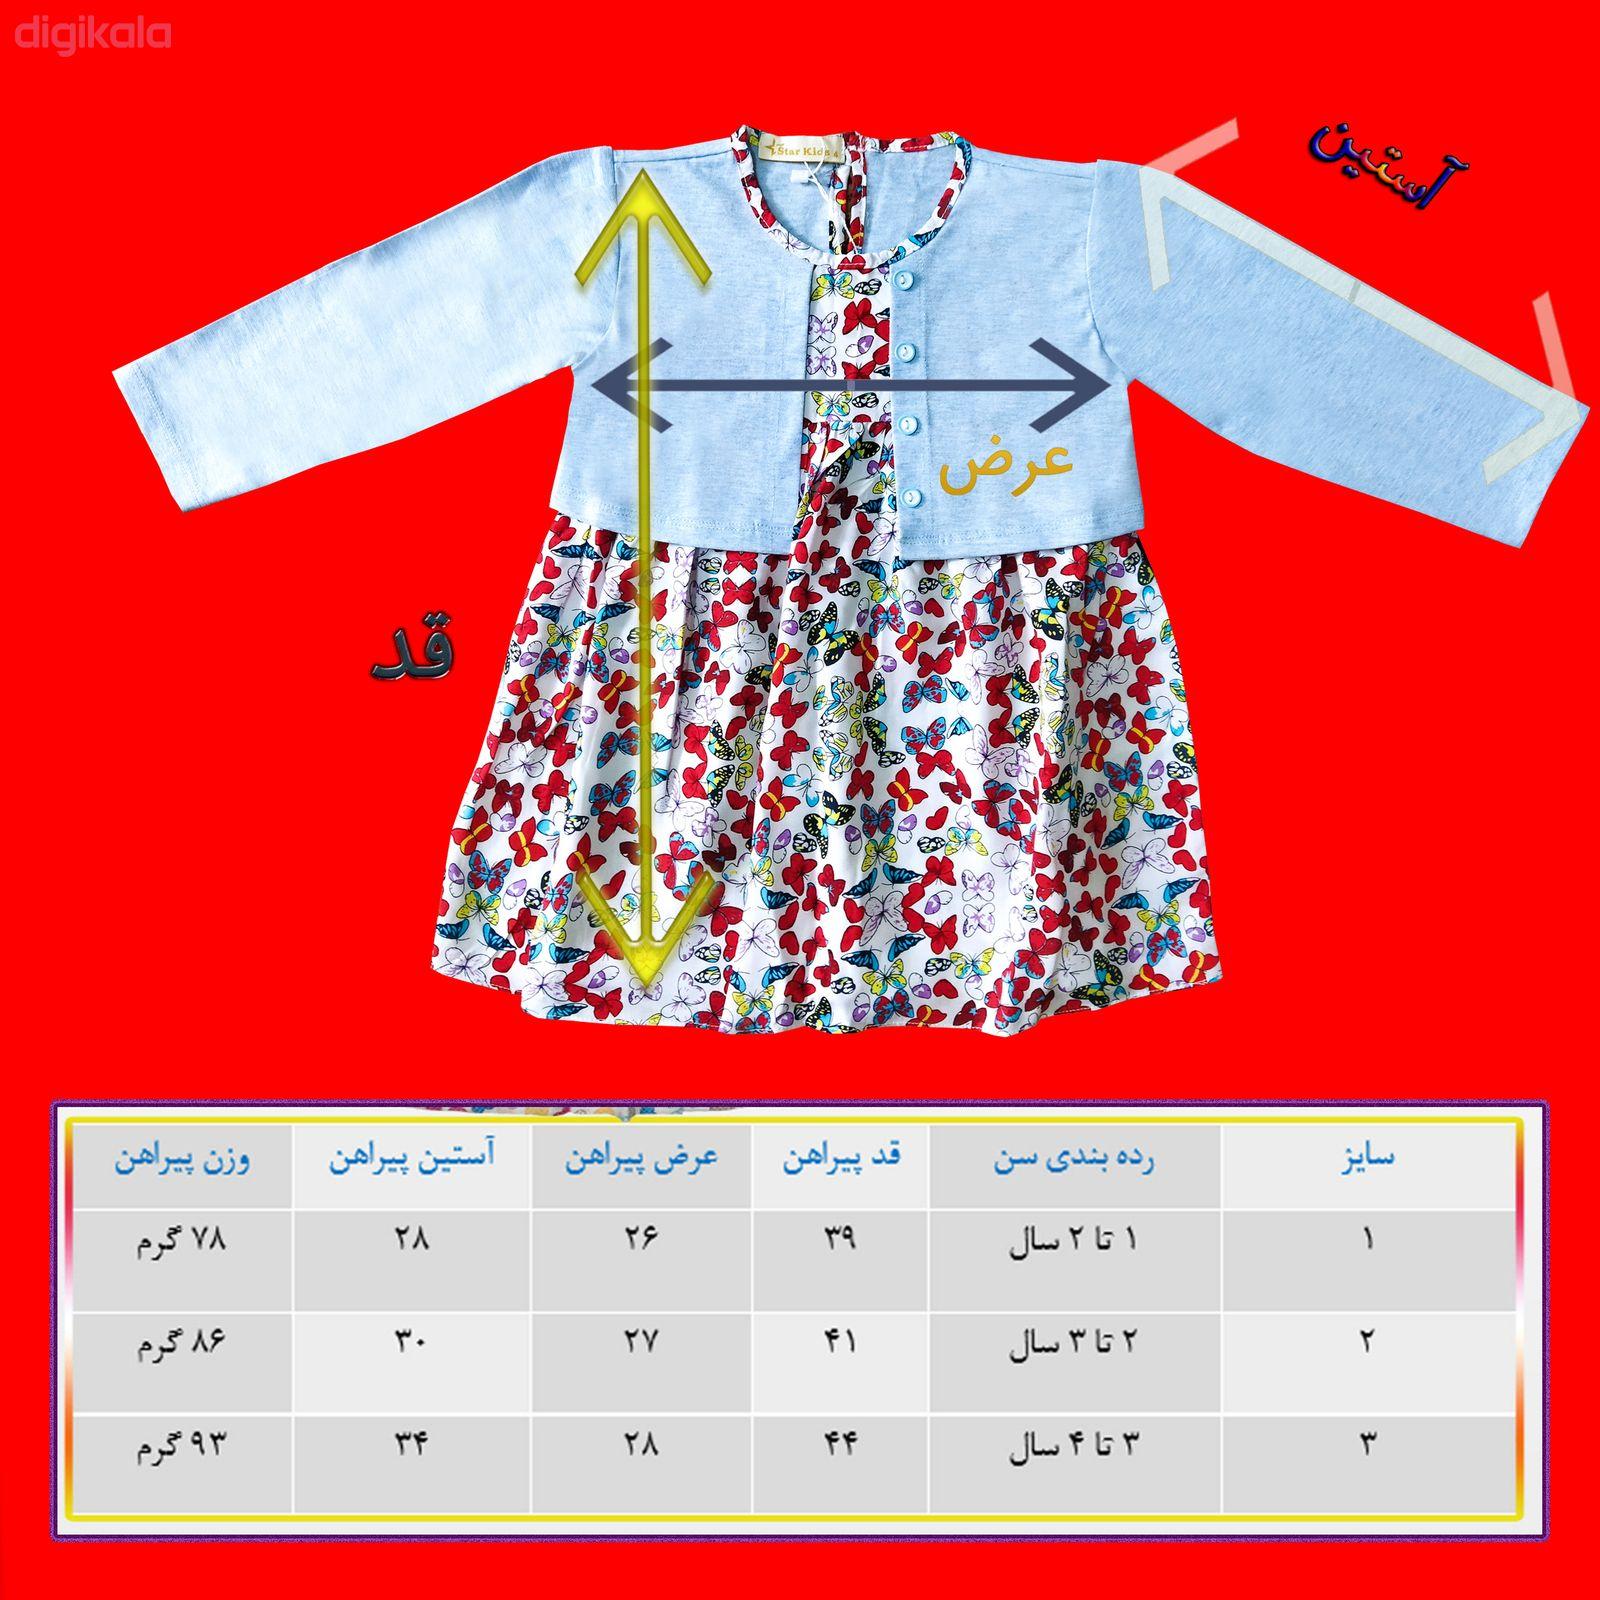 پیراهن دخترانه استارکیدز کد B001101 main 1 1